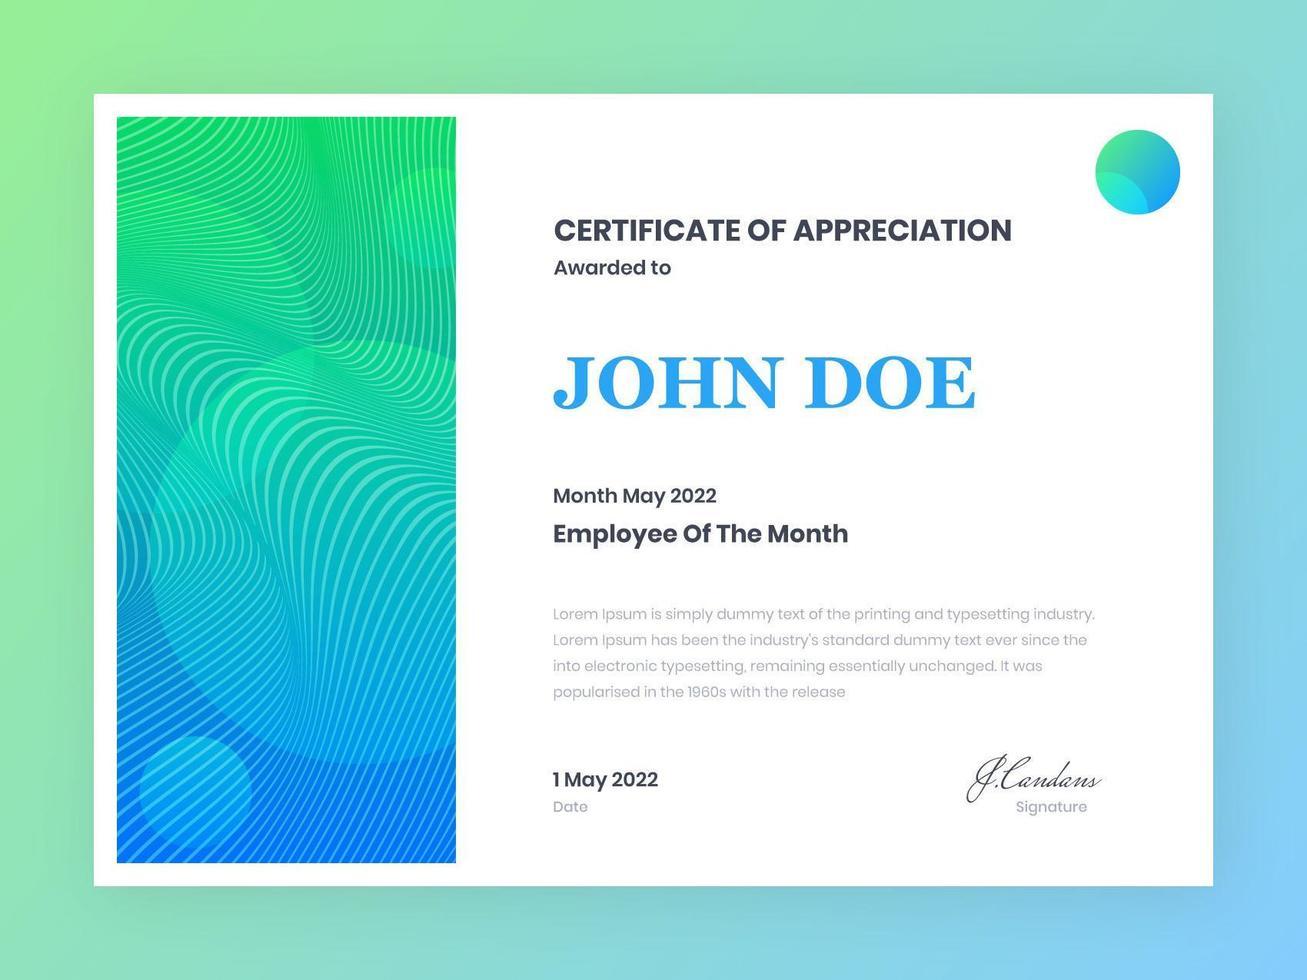 certificato moderno di modello di apprezzamento vettore